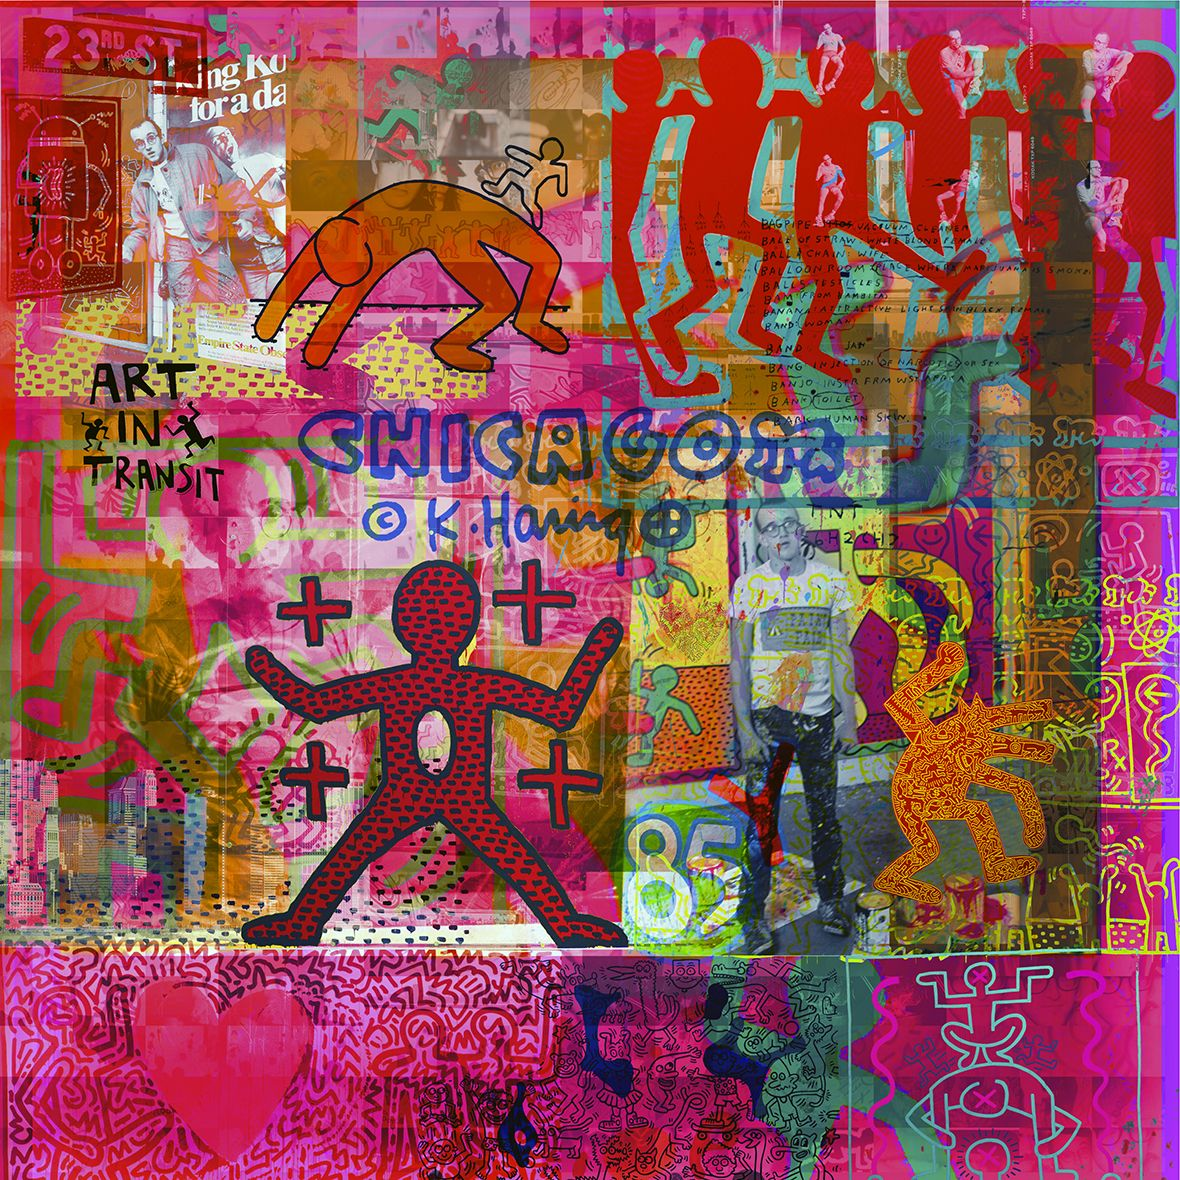 Art in transit - 95 x 95 cm - Digigraphie originale sur toile